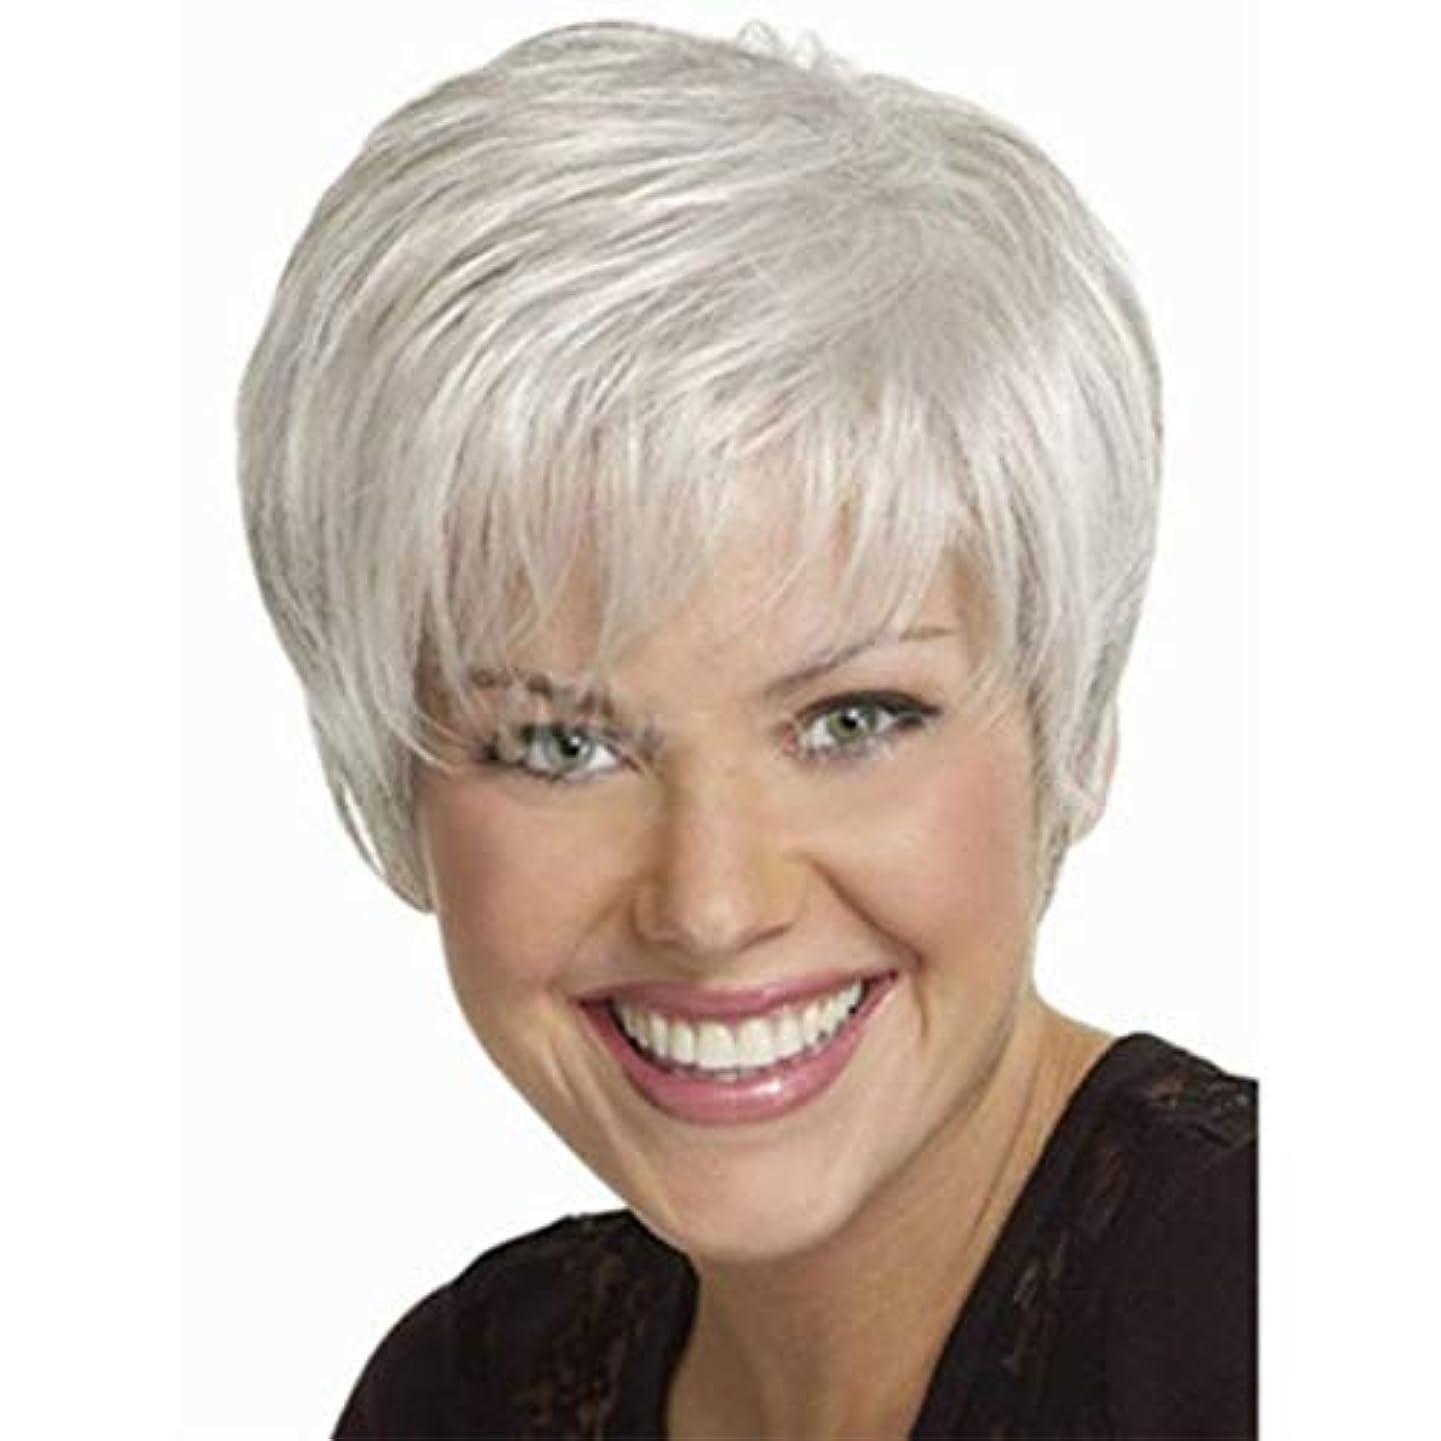 冗談でまどろみのある漁師Kerwinner ショートヘアウィッグショートストレート人工毛フルウィッグ自然に見える高温ワイヤーウィッグ女性用